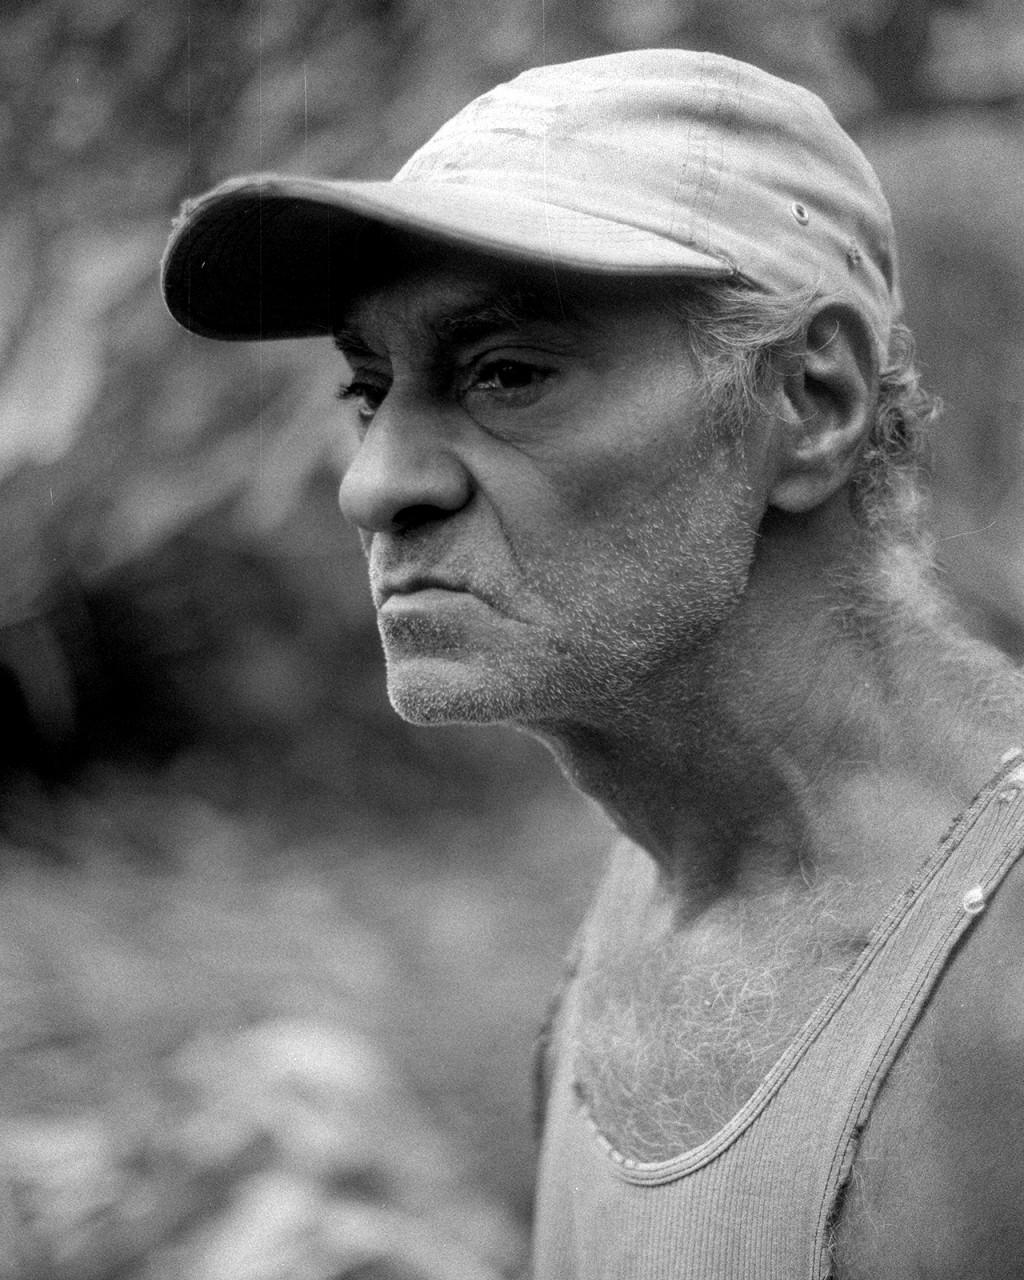 Amauris, dono de uma fazenda de cacau nas encostas montanhosas de Baracoa, abriu as portas de sua casa para mostrar o processo de crescimento do cacau.